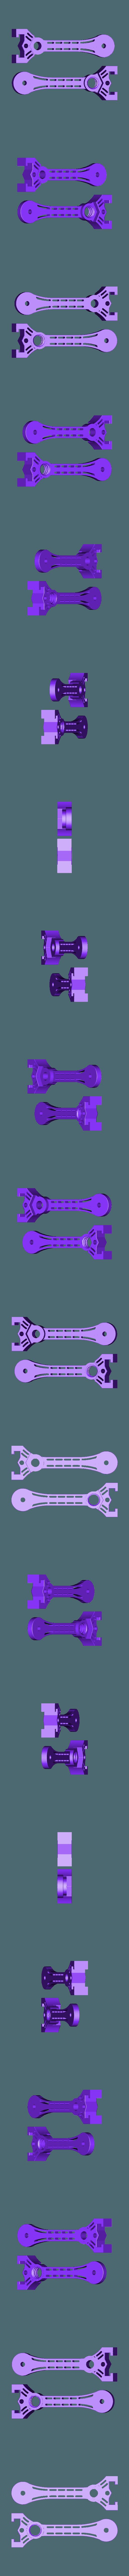 Uprights_v4.stl Télécharger fichier STL gratuit Porte-bobine à centre ajustable • Design pour imprimante 3D, jonbourg